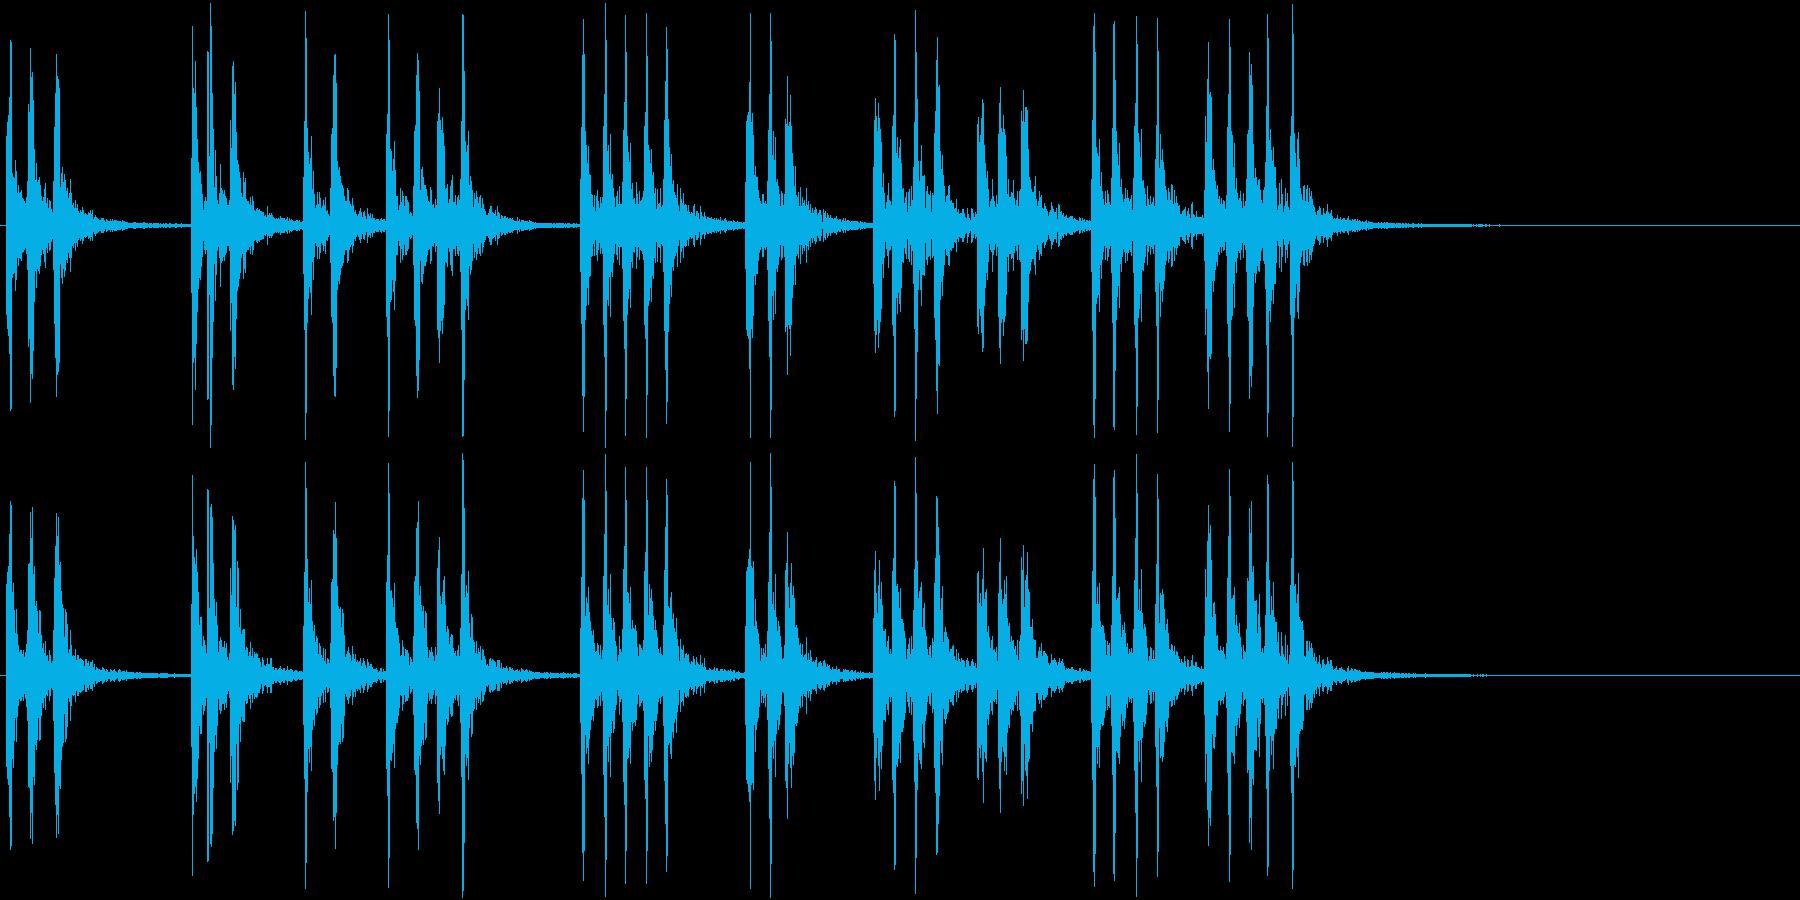 連続した、重いノック音(ループ可能)の再生済みの波形